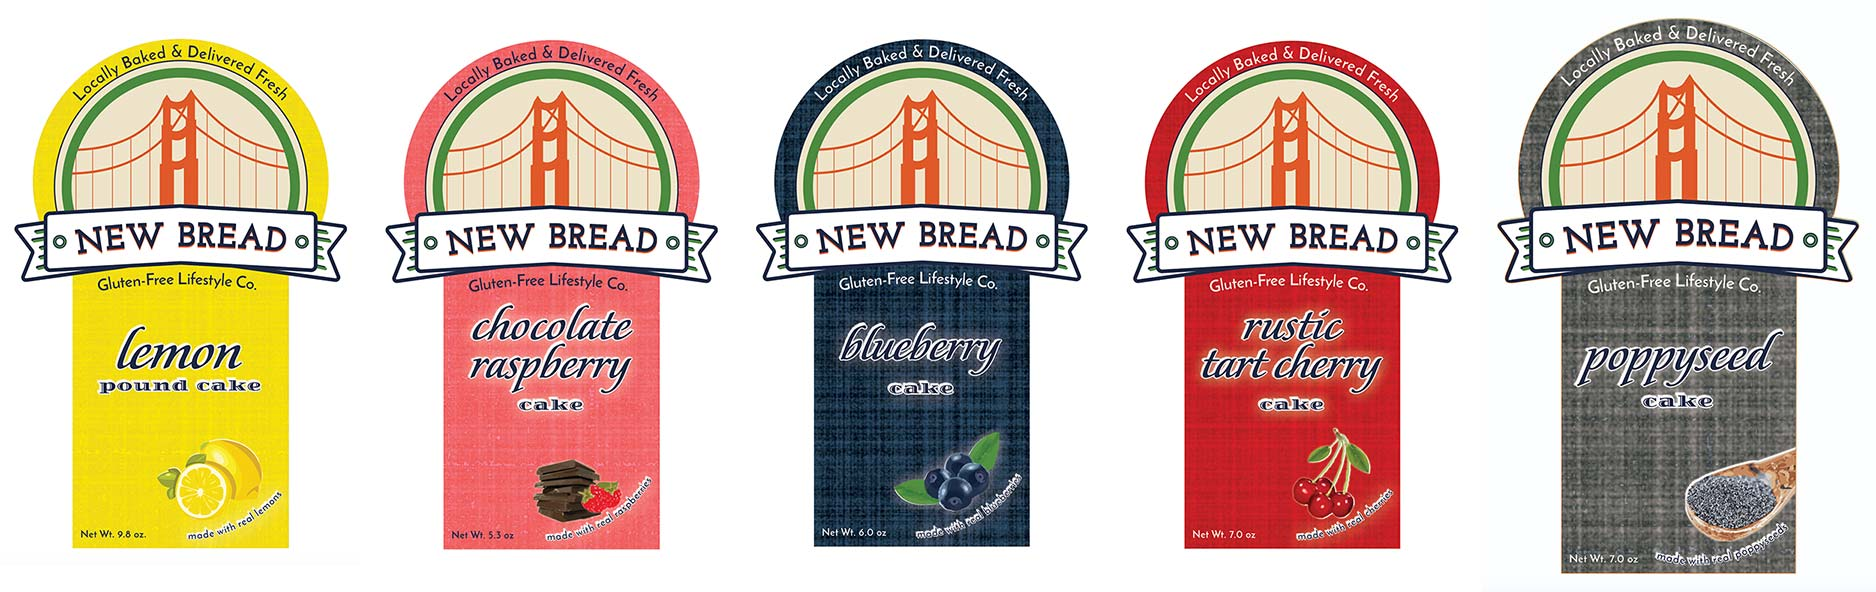 NEW BREAD CAKE LINE.jpg